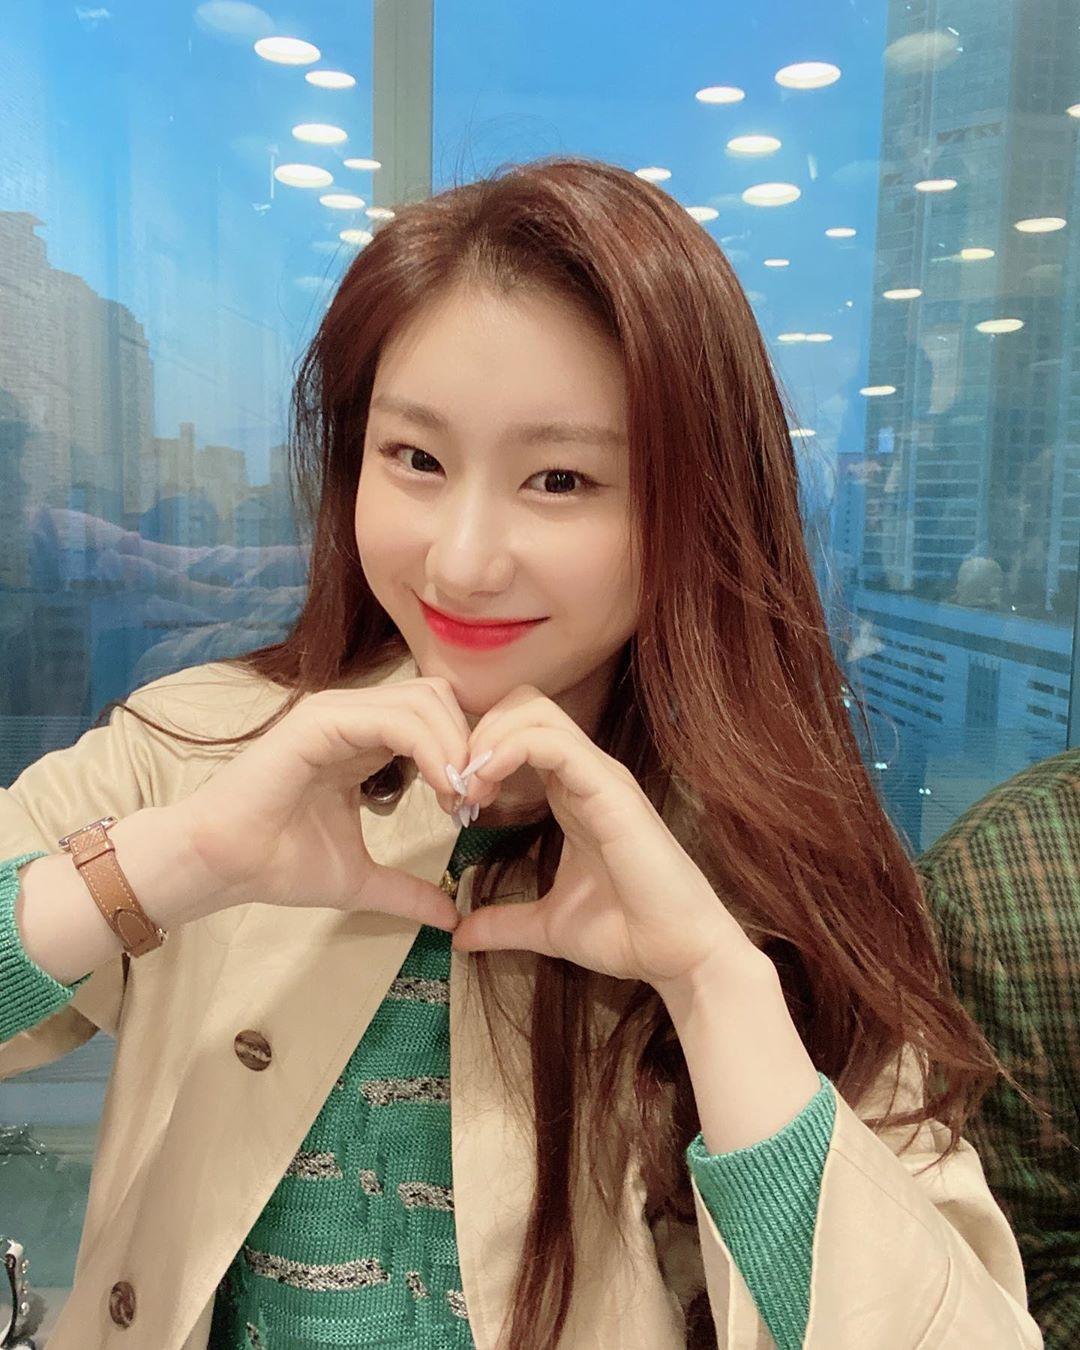 chaeryeong 4